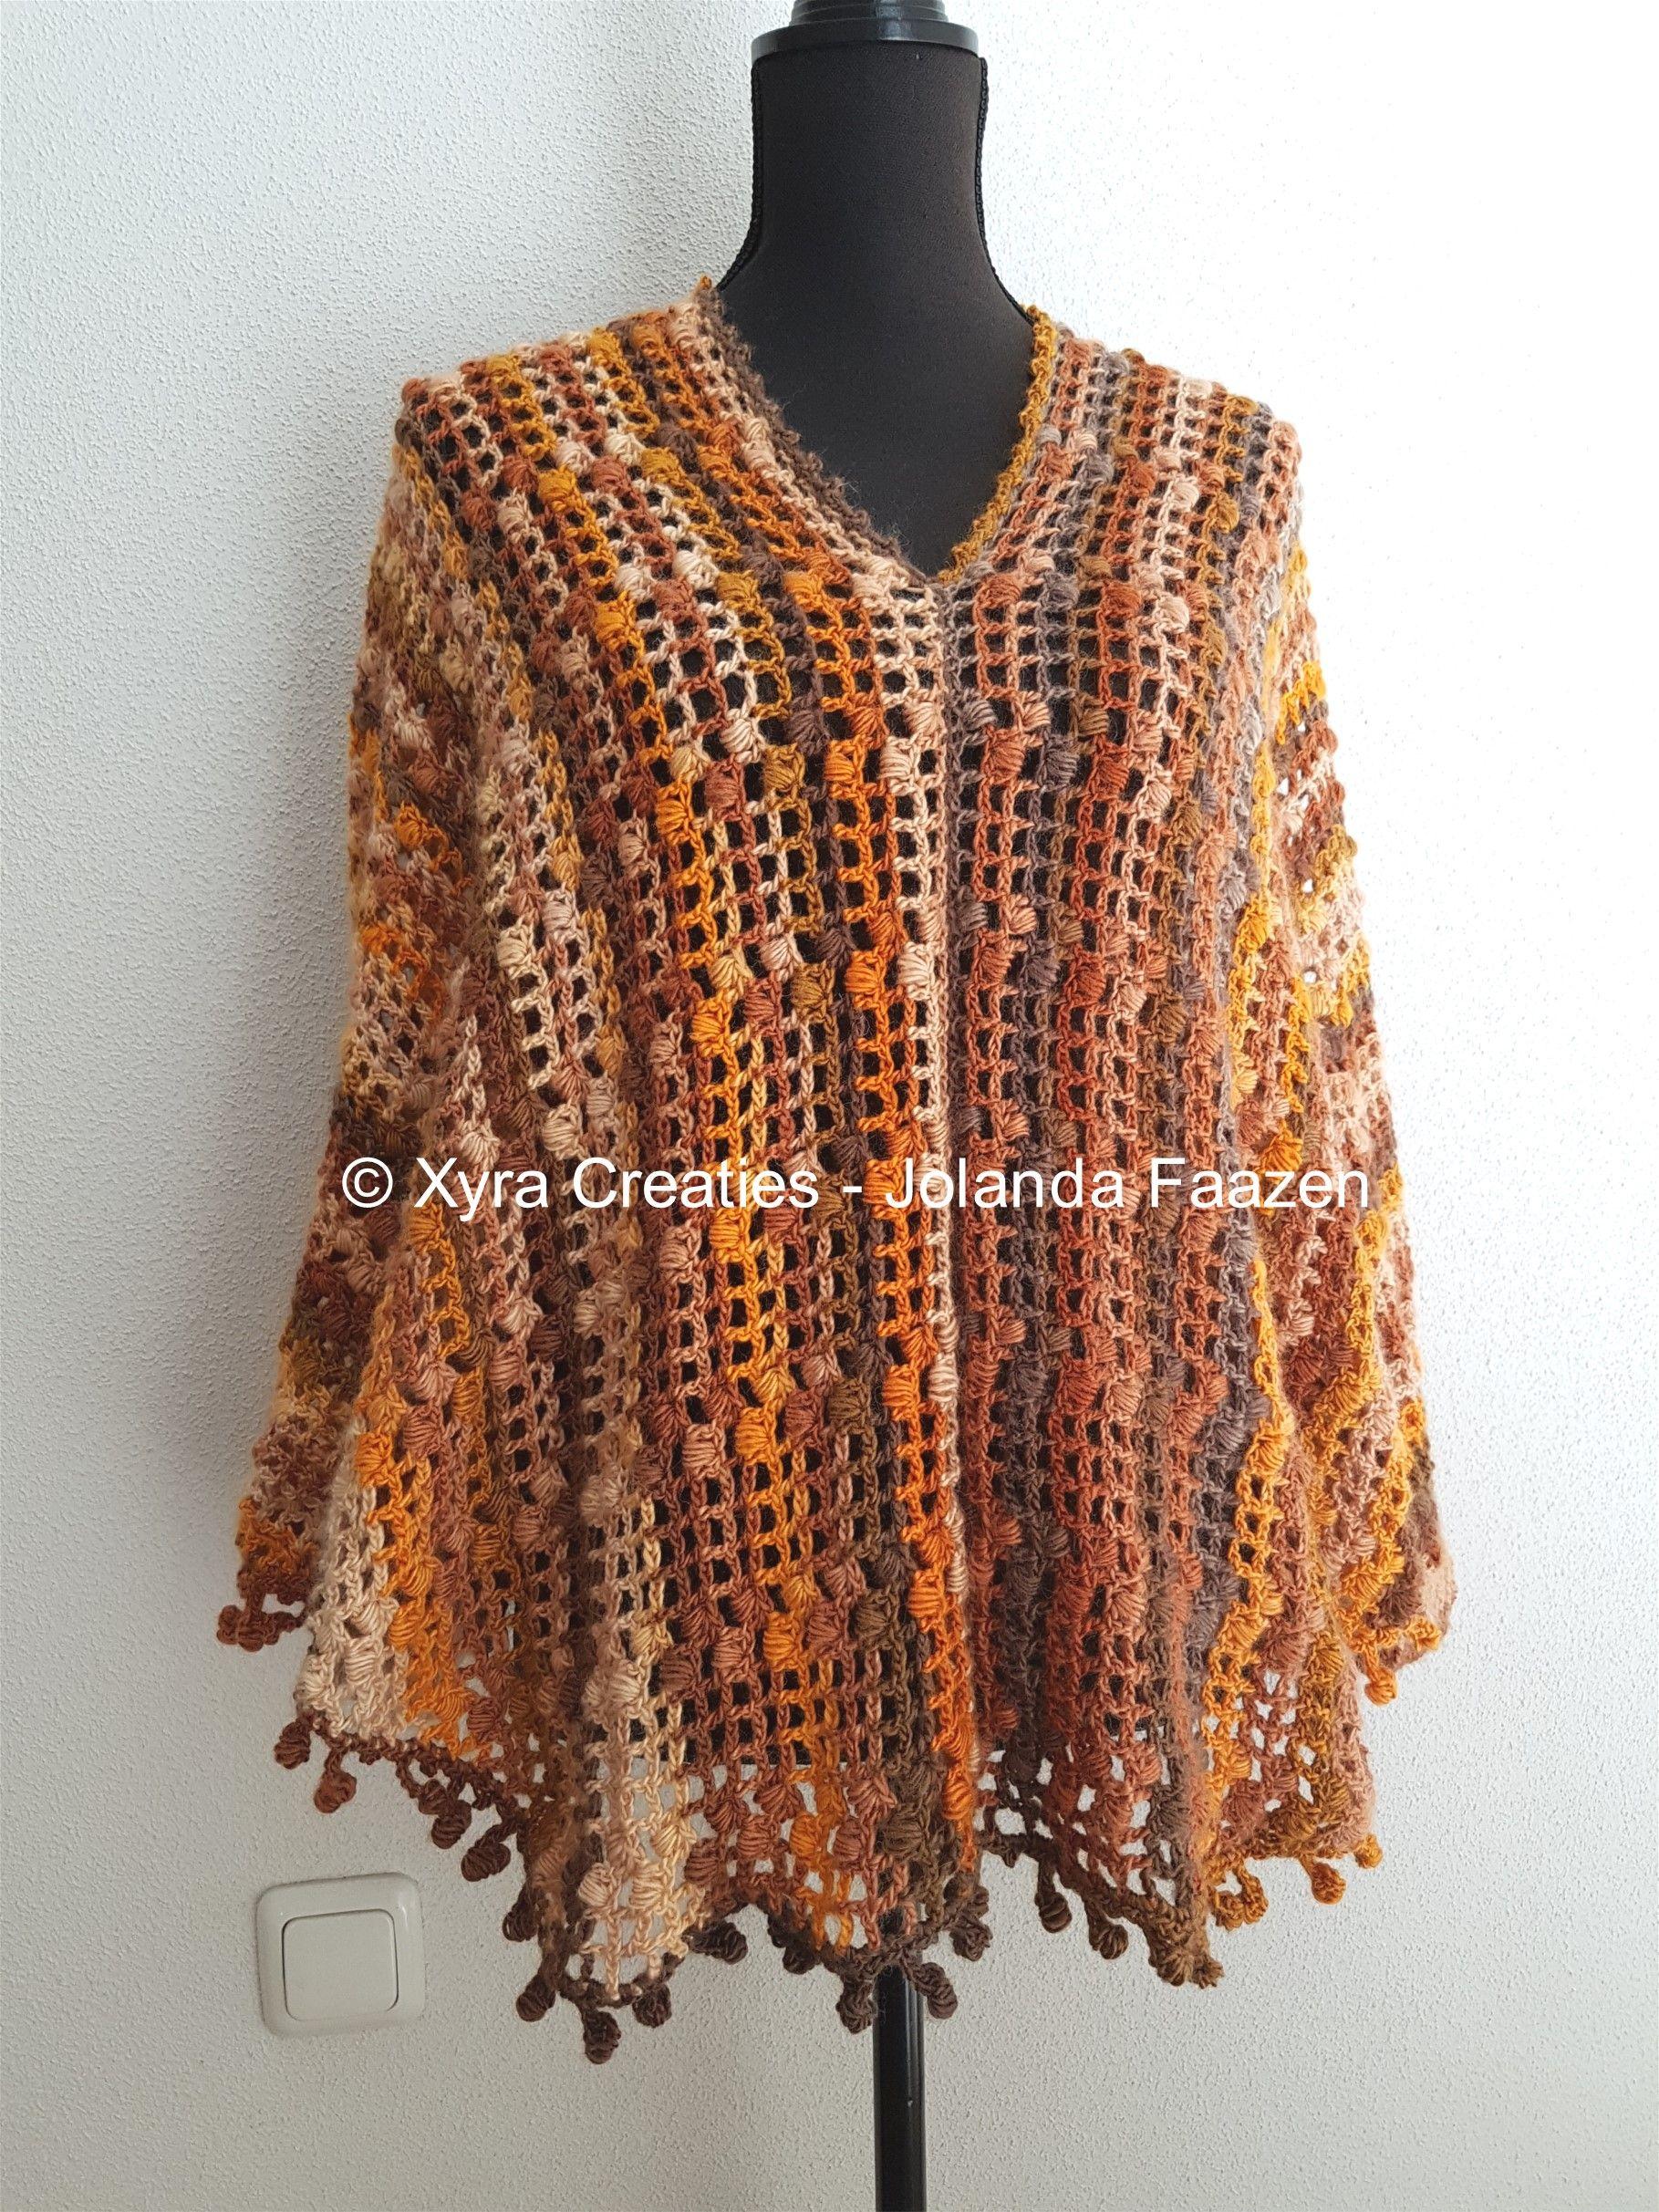 #PATR1085 #Omslagdoek #haakpatroon #patroon #haken #gehaakt #crochet #pattern #shawl #poncho #sweater # trui #shirt #swoncho #DIY #mouwen #sleeves Patroon (NL) is beschikbaar via: Pattern (English-US) is available at: www.xyracreaties.nl www.ravelry.com/stores/xyra-creaties www.etsy.com/shop/XyraCreaties